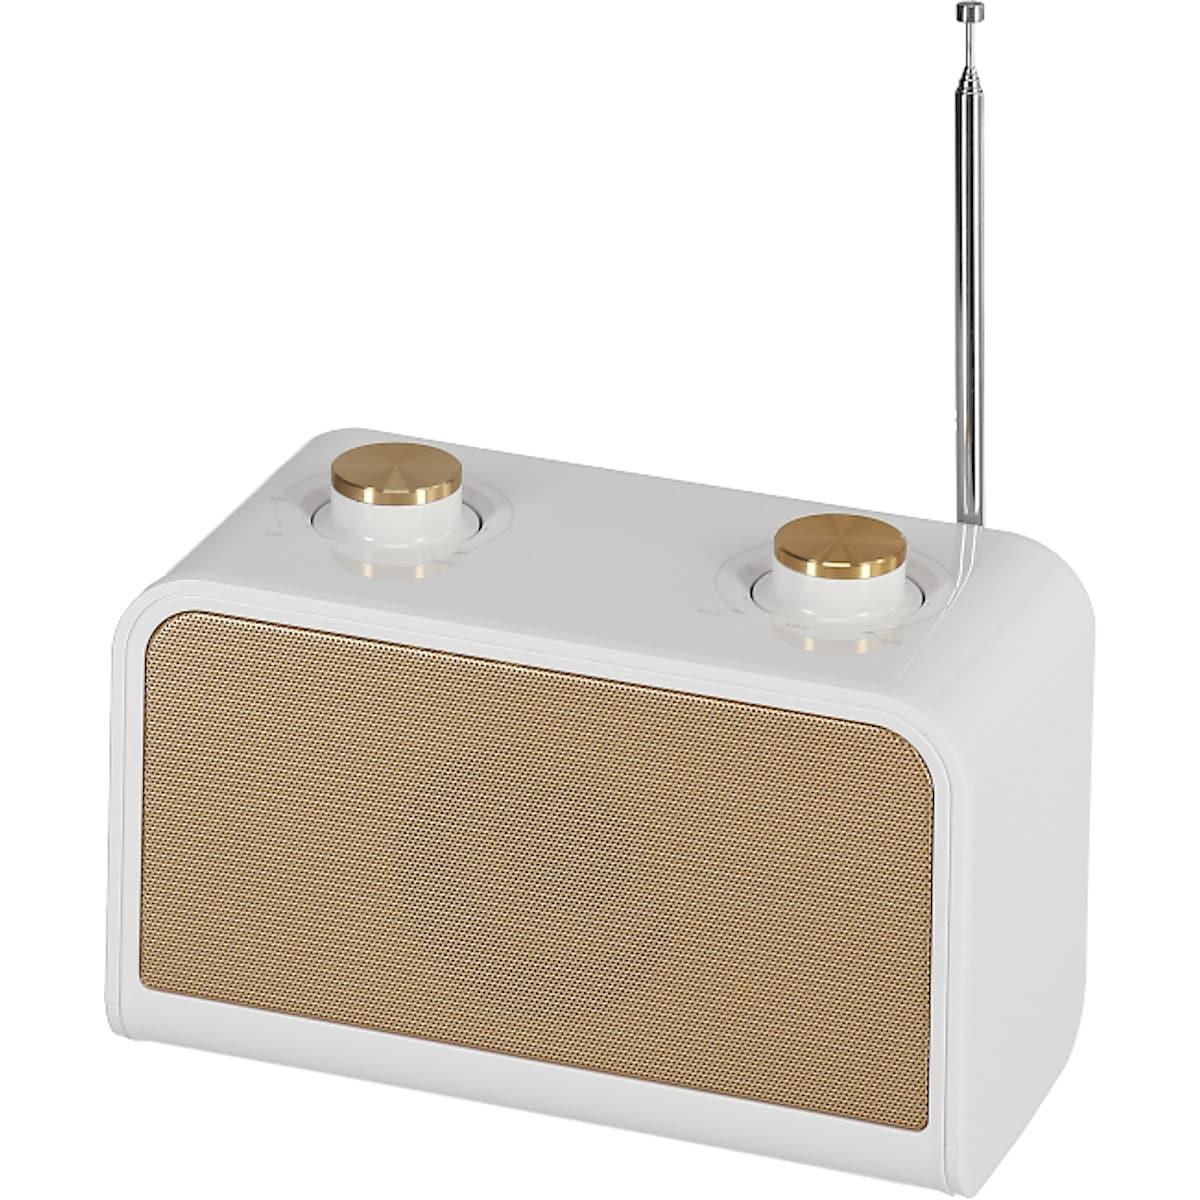 Speaker with FM Radio